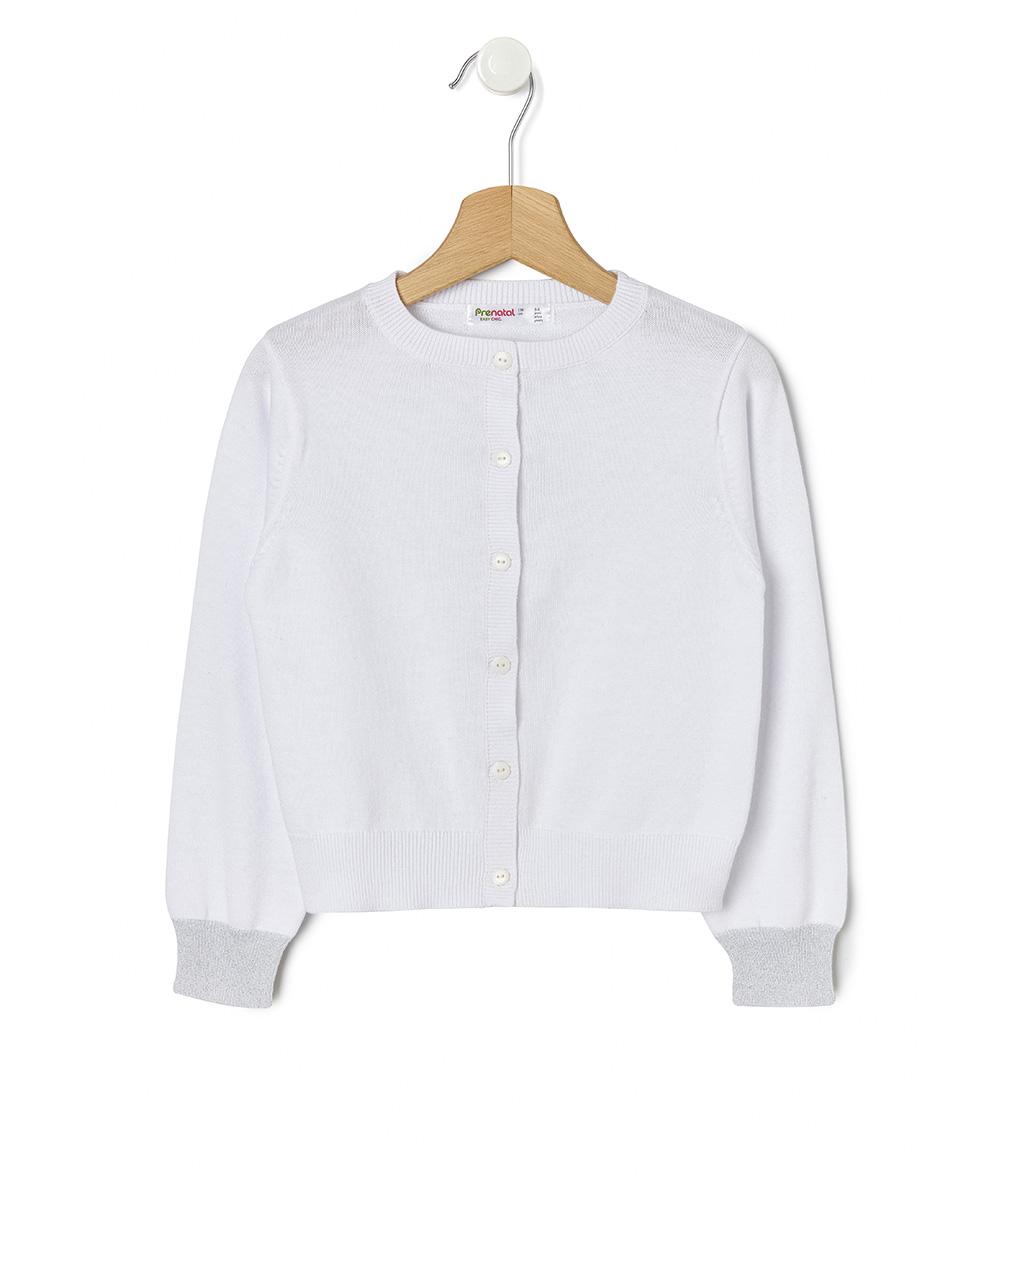 Ζακέτα Πλεκτή Basic με Lurex Λευκή για Κορίτσι